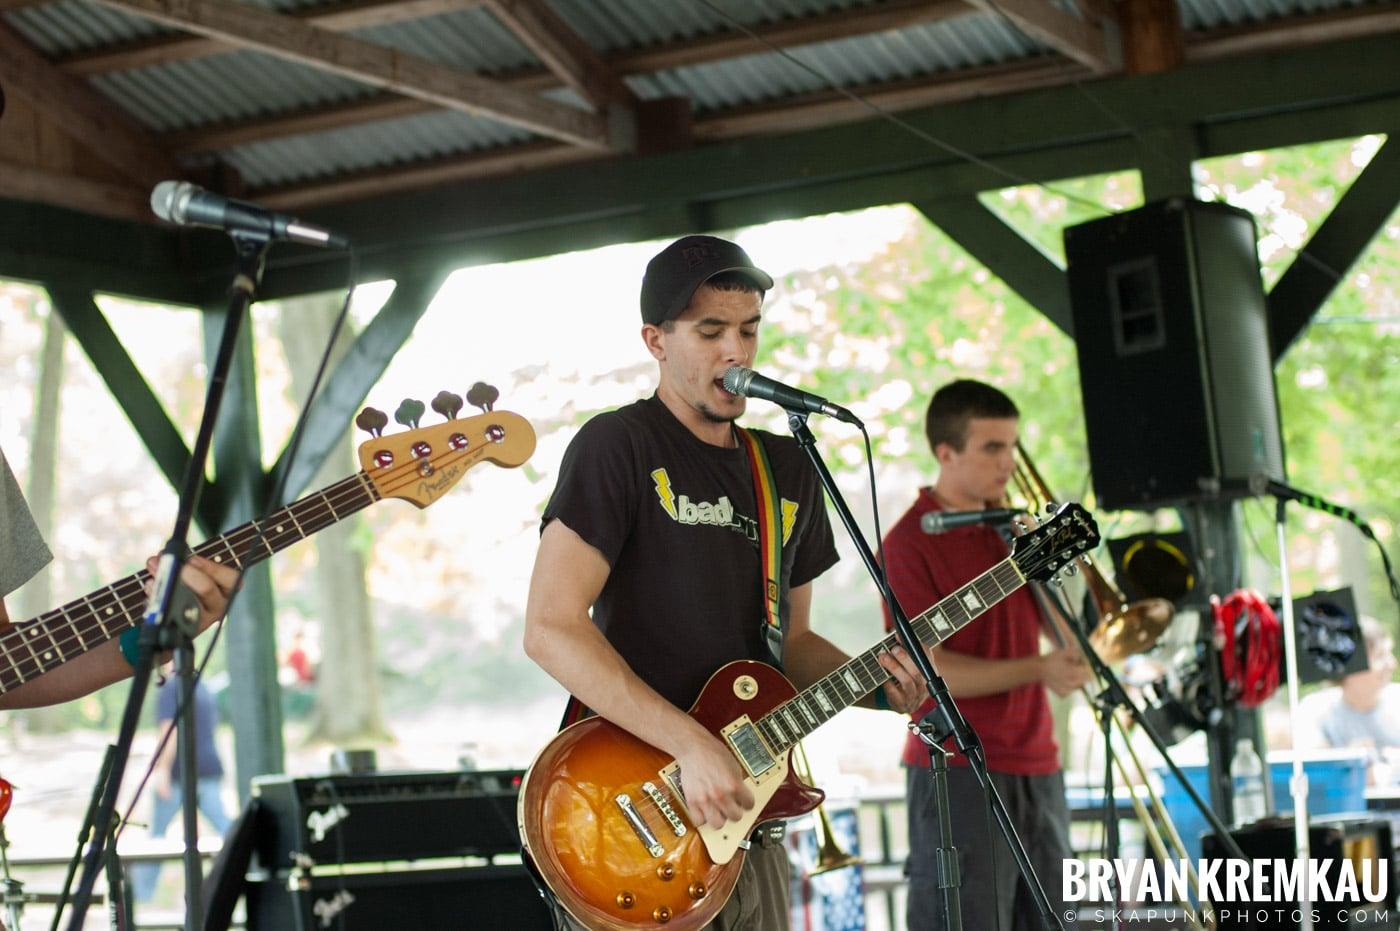 Alto Sound Fiasco @ The Big Orange Bonanza, Circleville, NY - 6.2.07 (4)